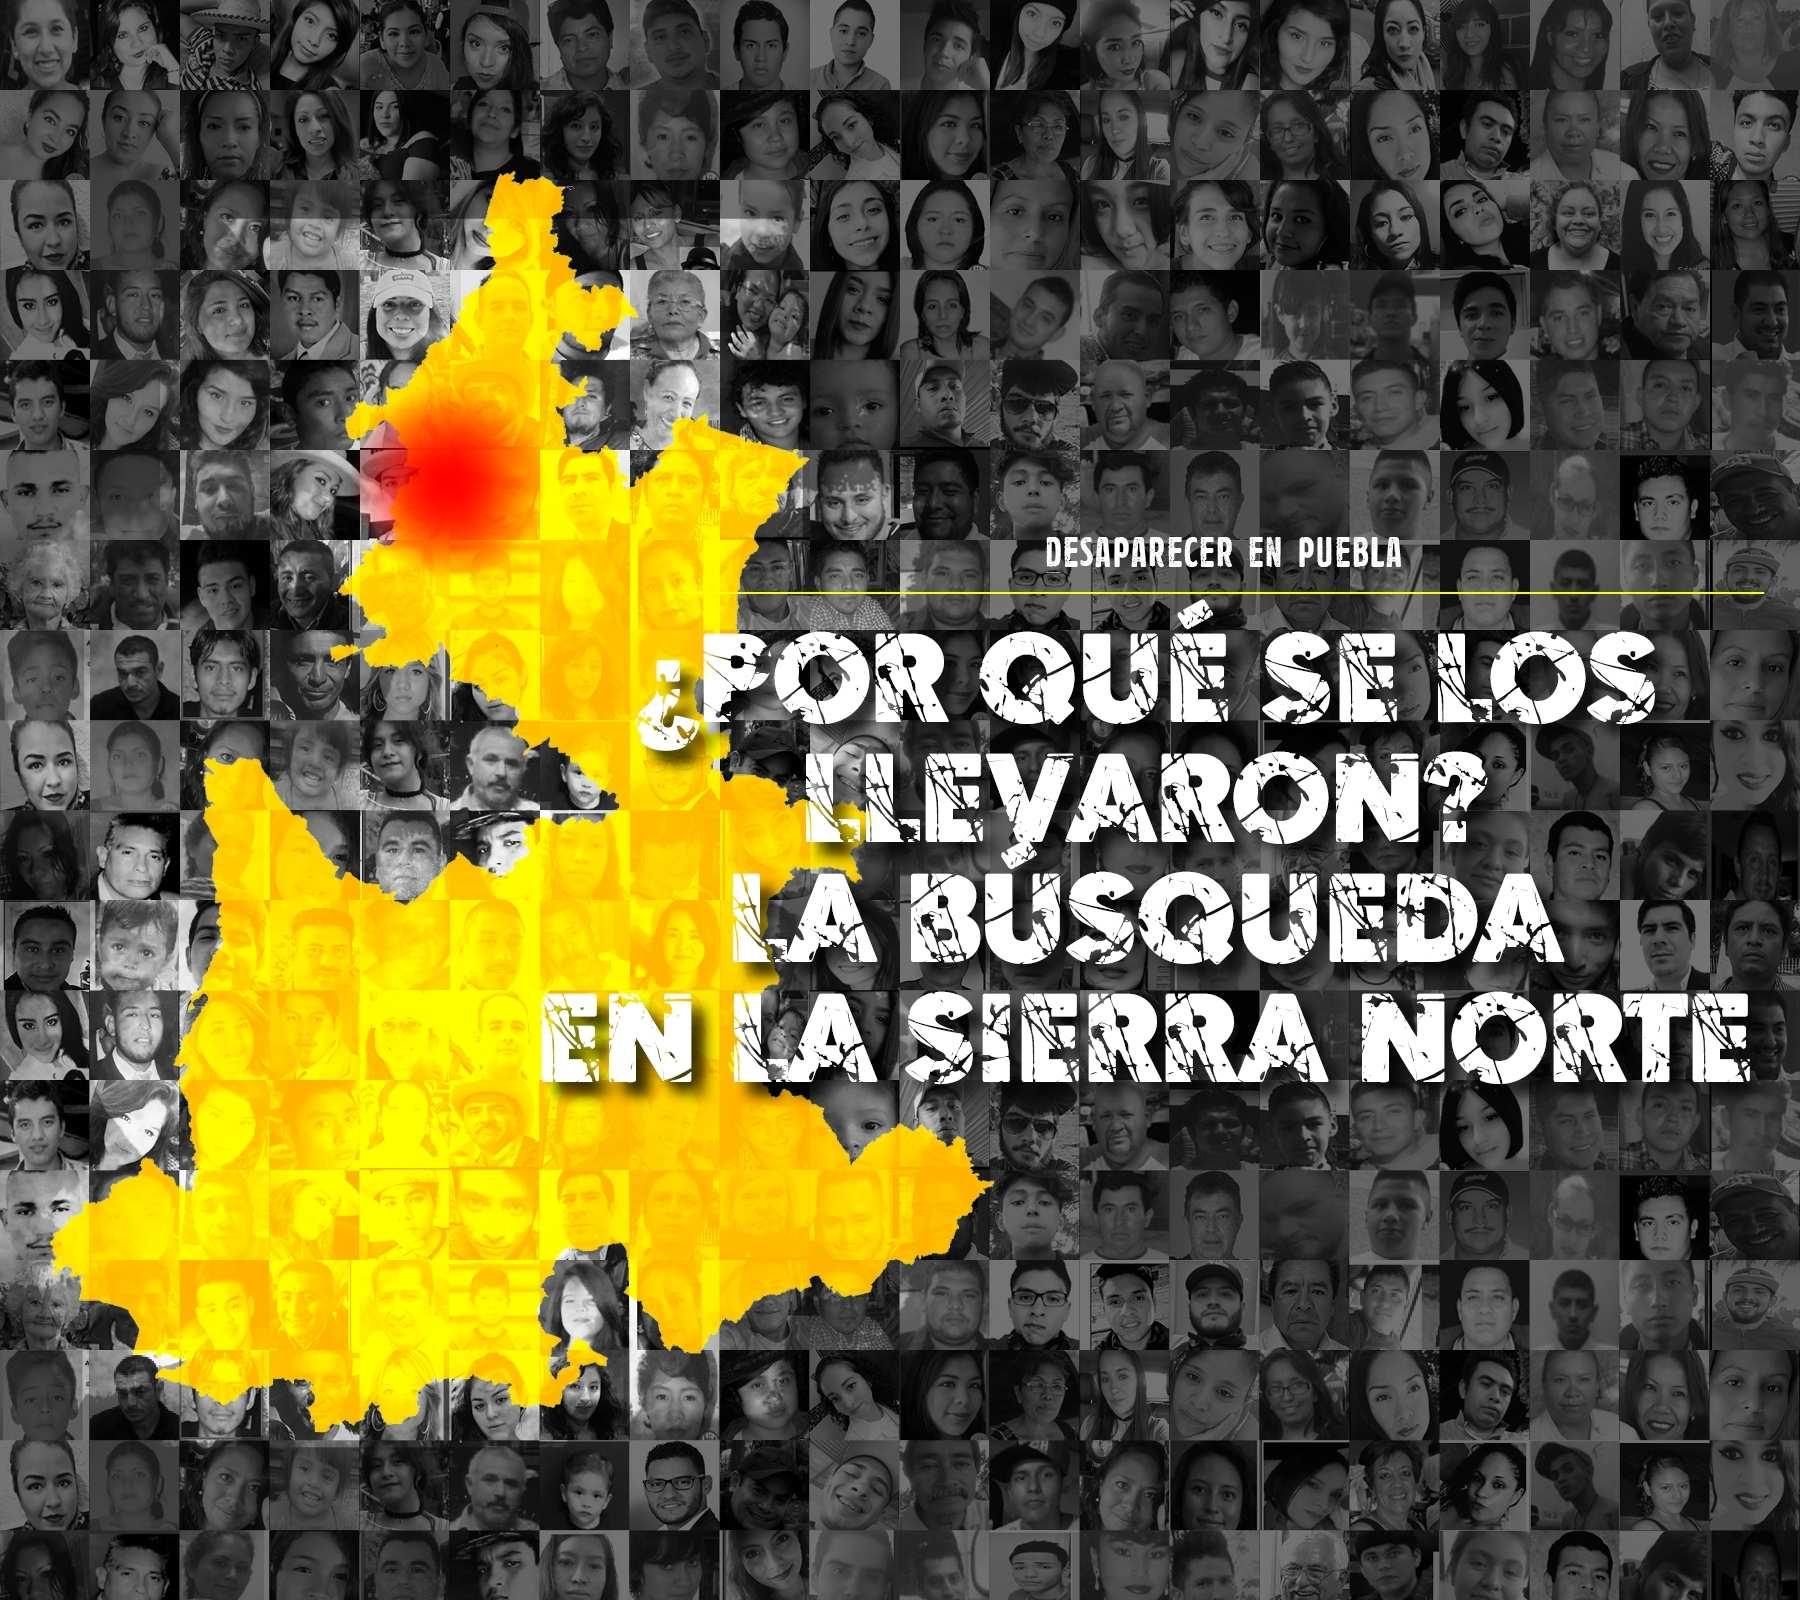 Portada: Personas desaparecidas en la sierra norte